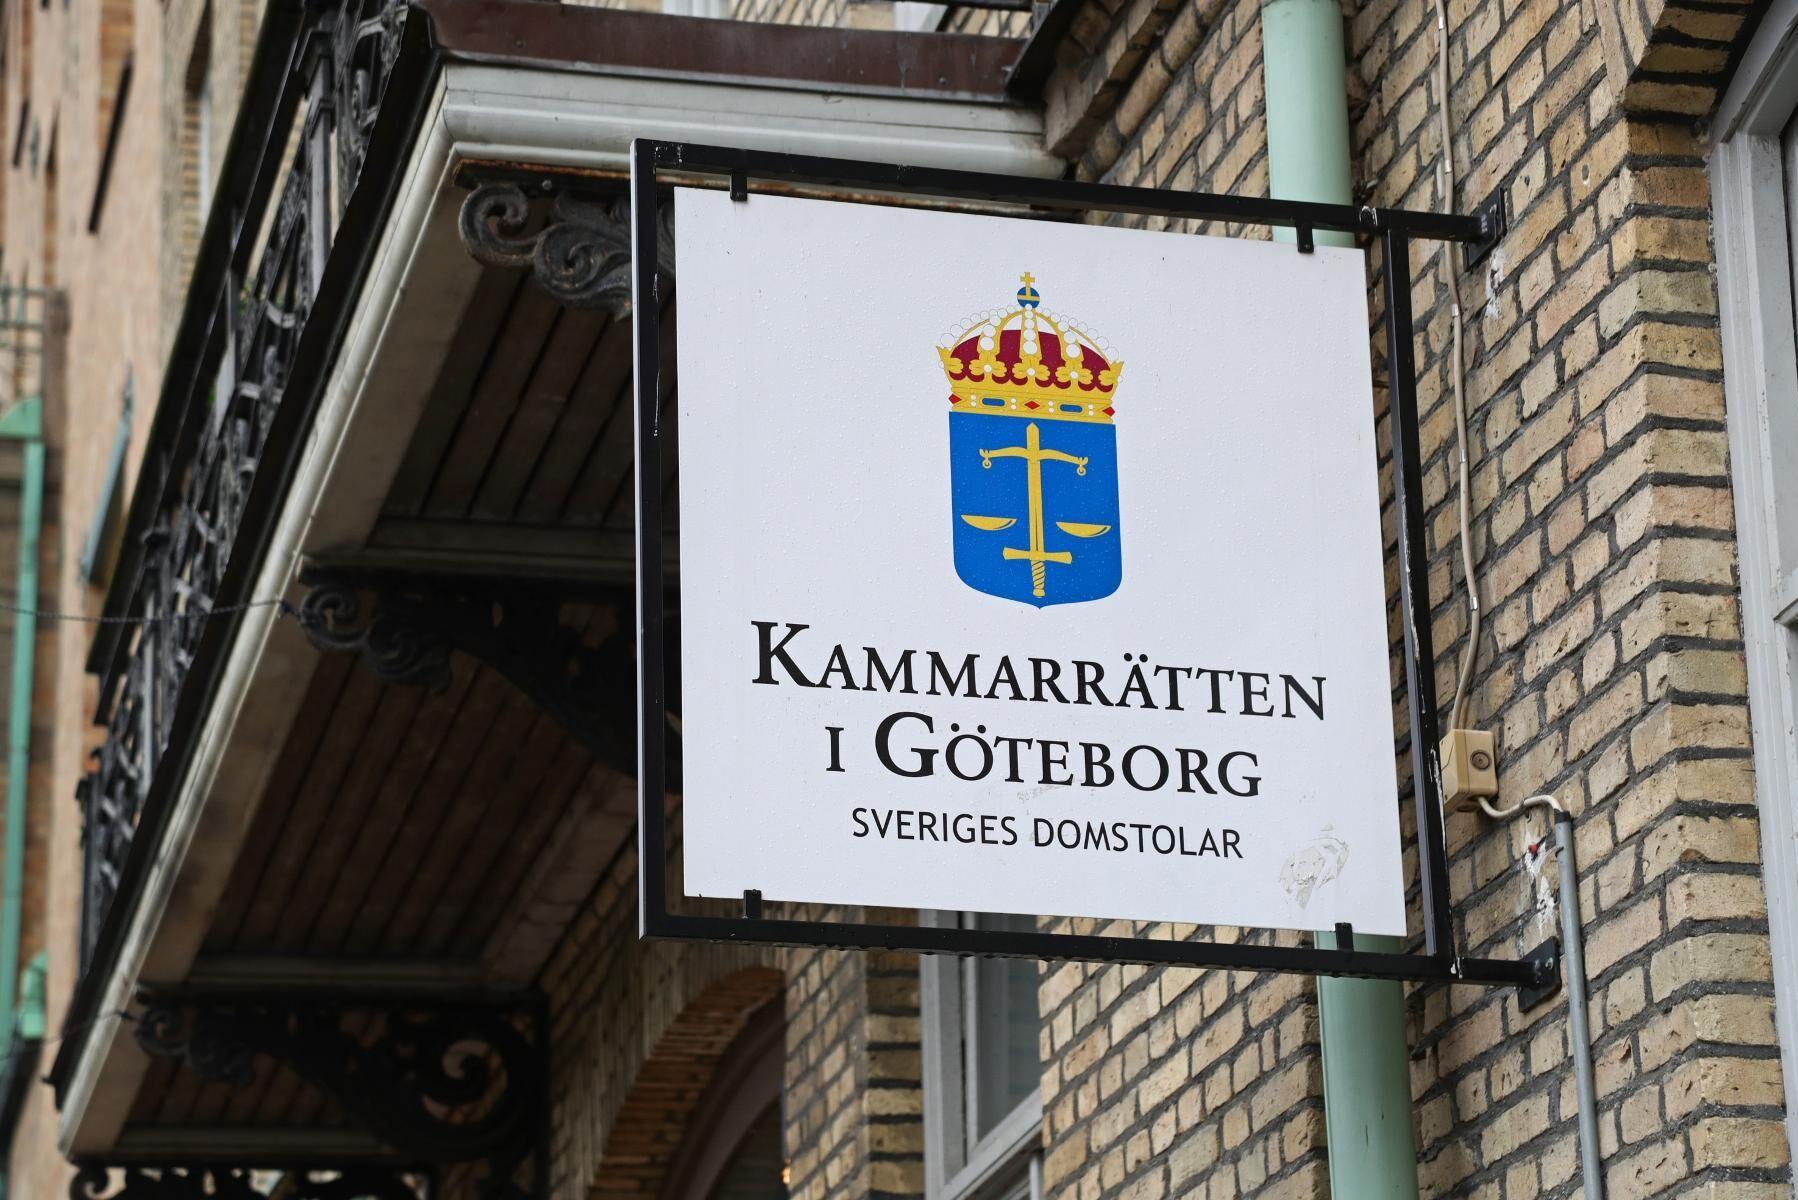 Det är inte Skogsstyrelsens registrering av en nyckelbiotop som ger effekter för markägaren, effekterna uppkommer på grund av de naturvärden som redan finns där, enligt Kammarrätten i Göteborg.